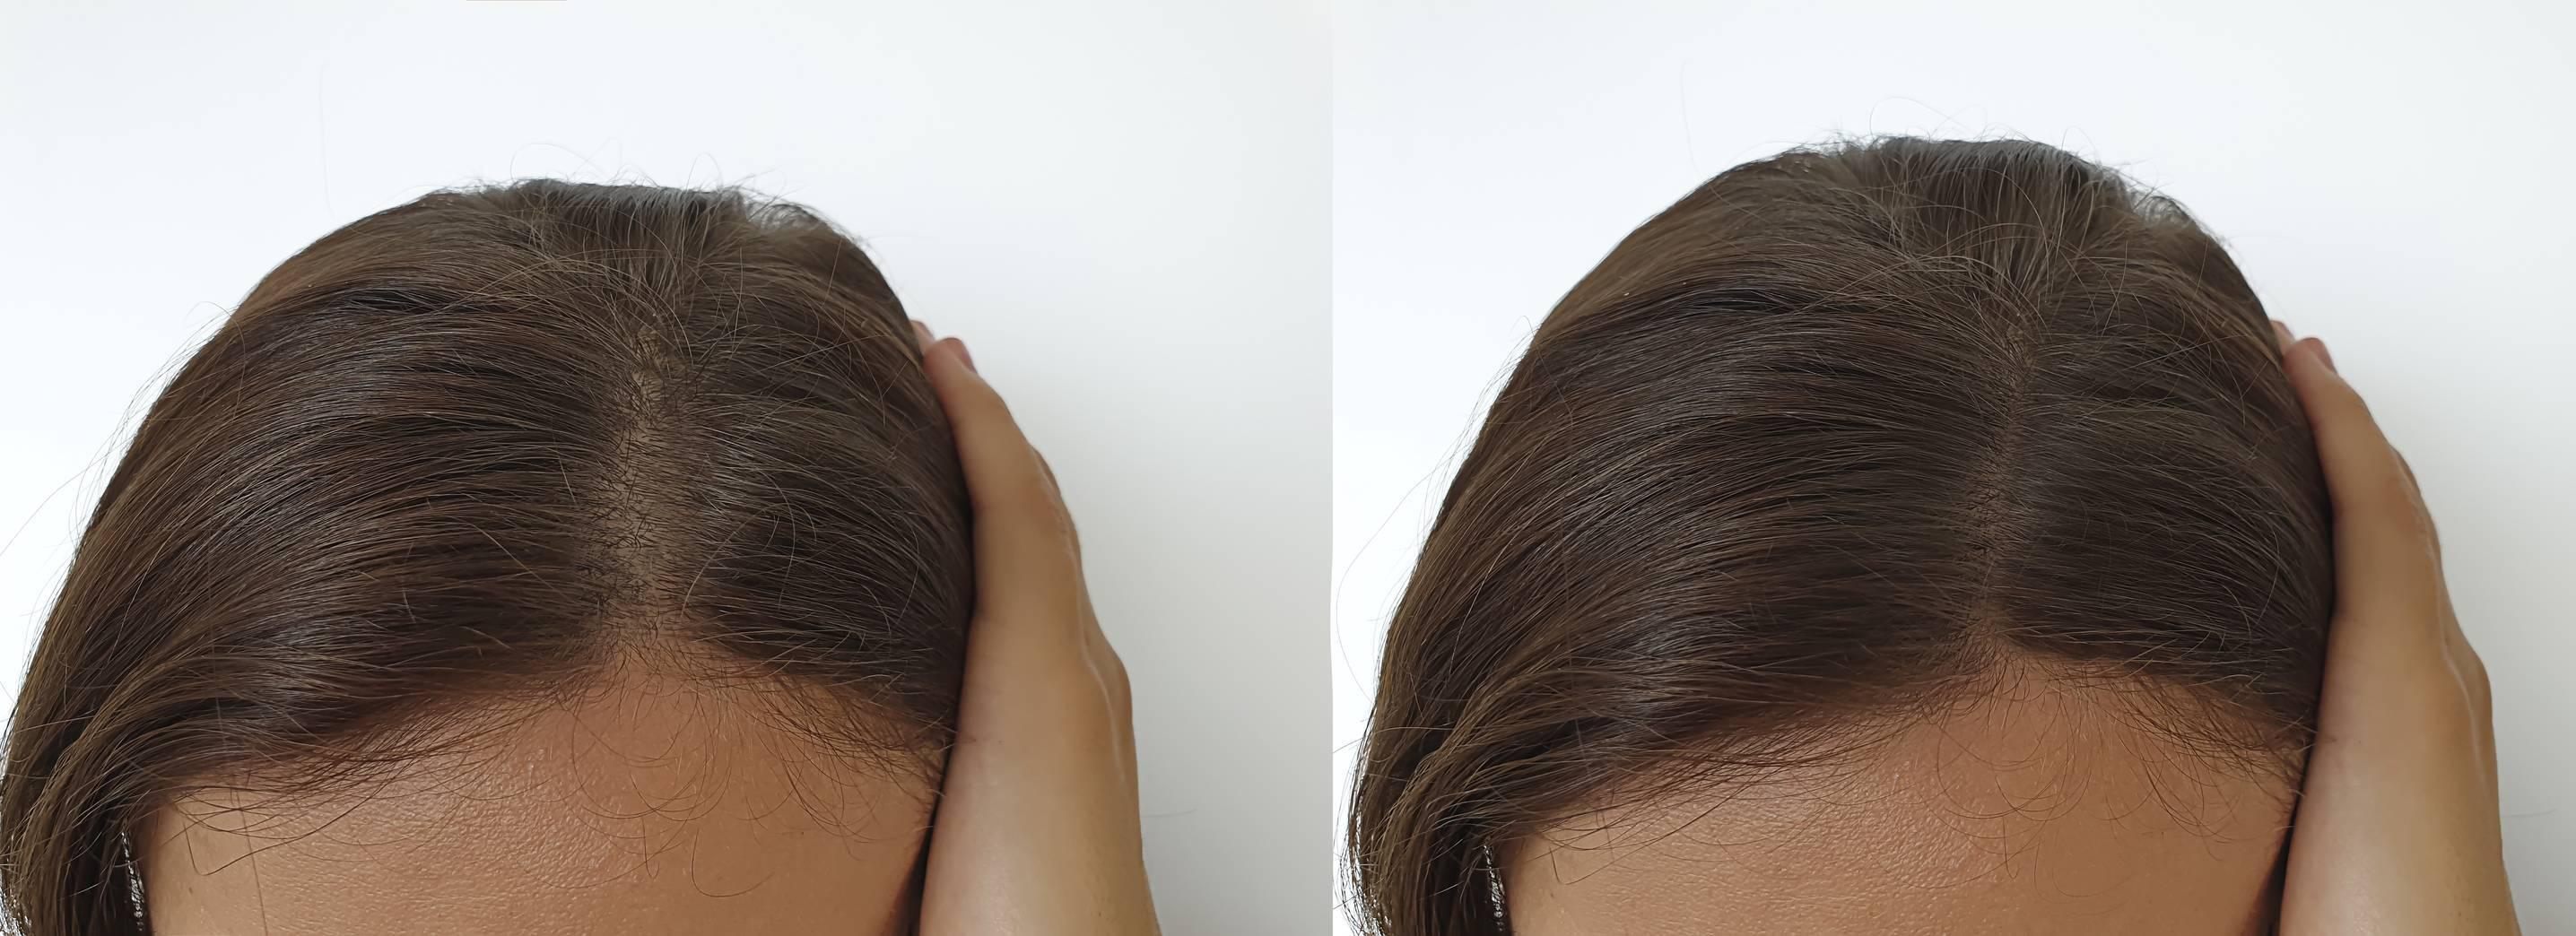 image capillaire greffe - La greffe capillaire fait-elle mal ?